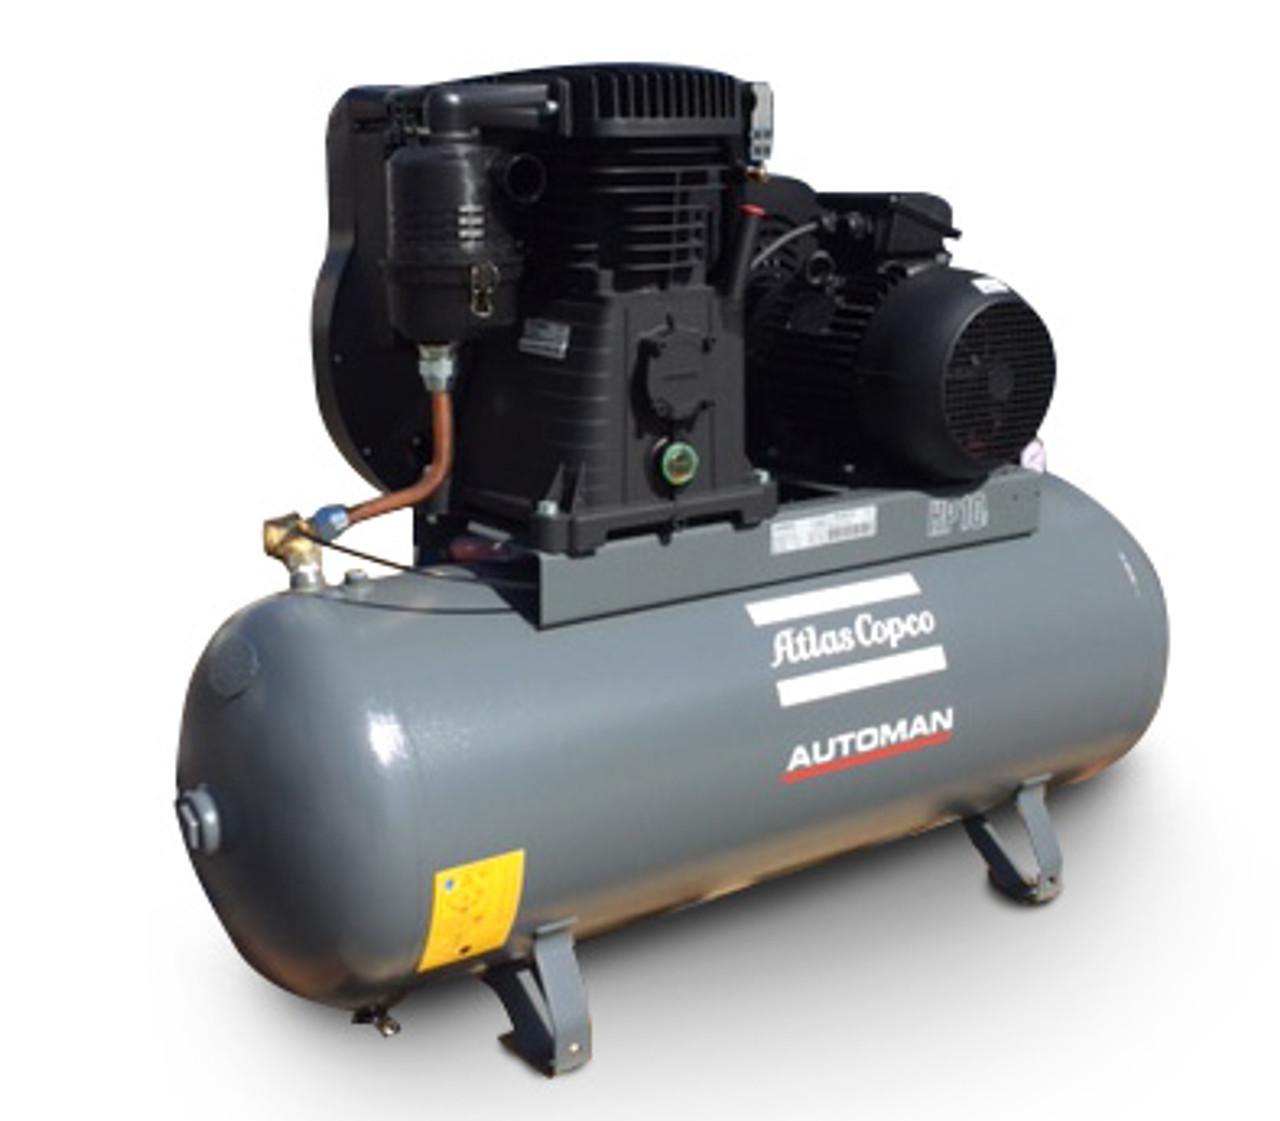 Industrial Air Compressor by Atlas Copco